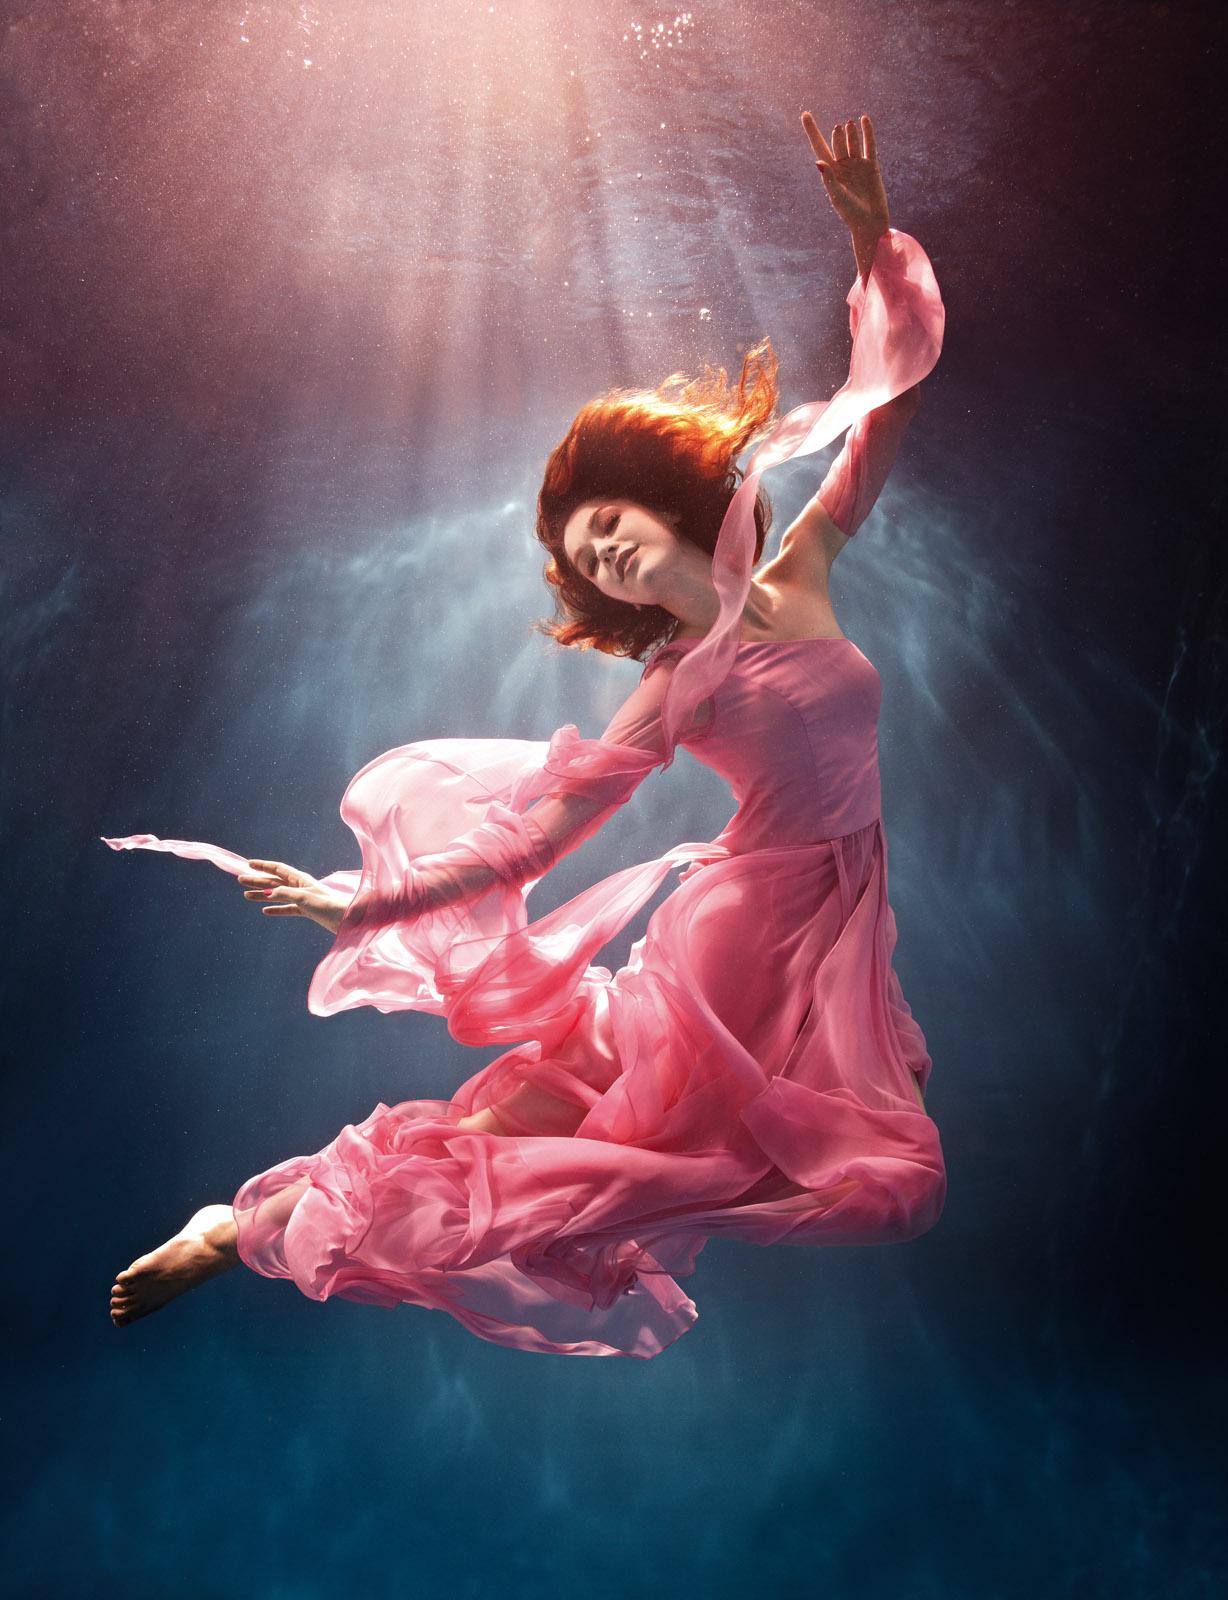 CIMB-underwater.jpg